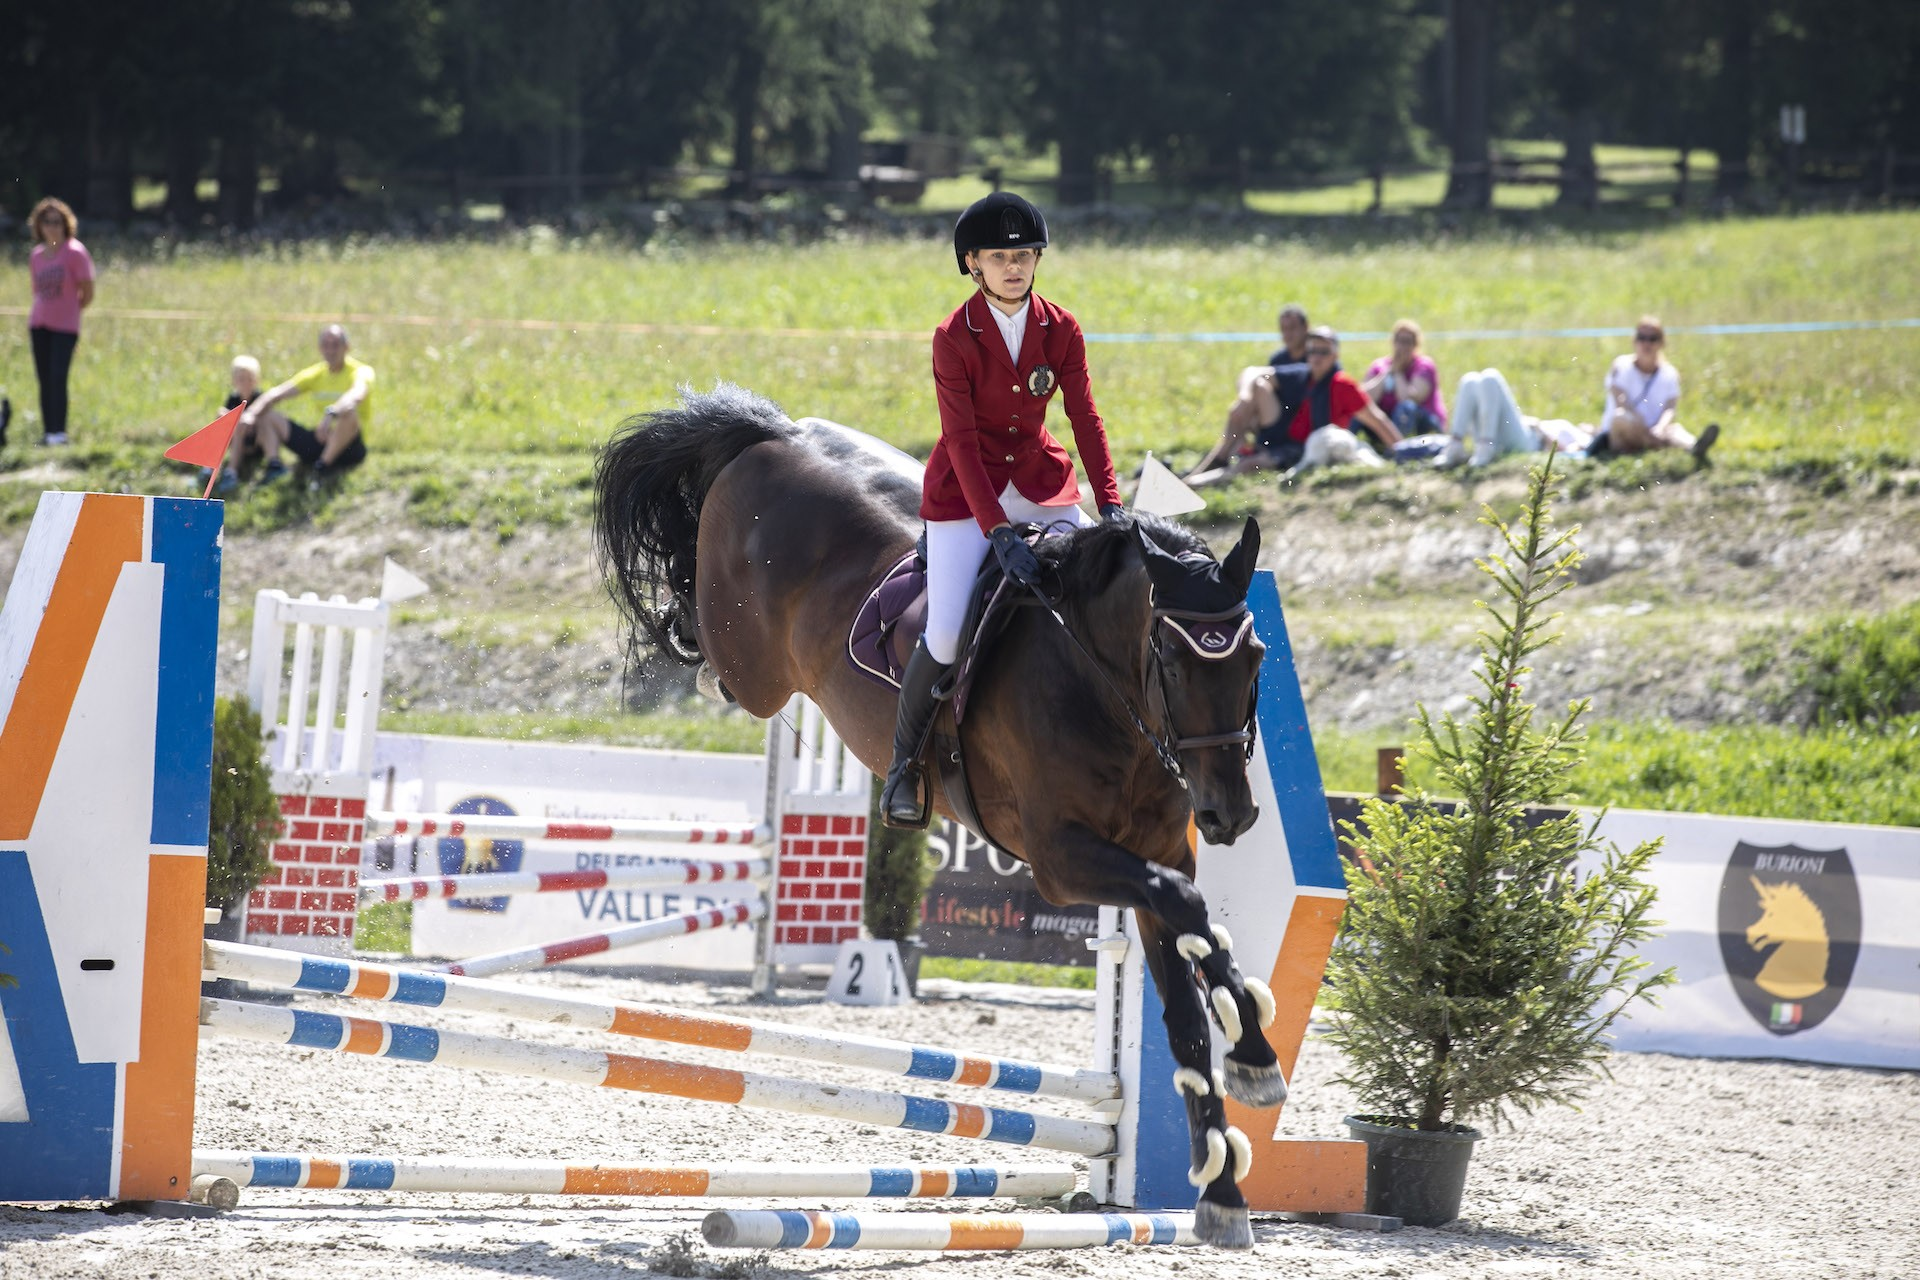 Equitazione: Cherie Maquignaz dà spettacolo nel secondo week end di Jumping Torgnon